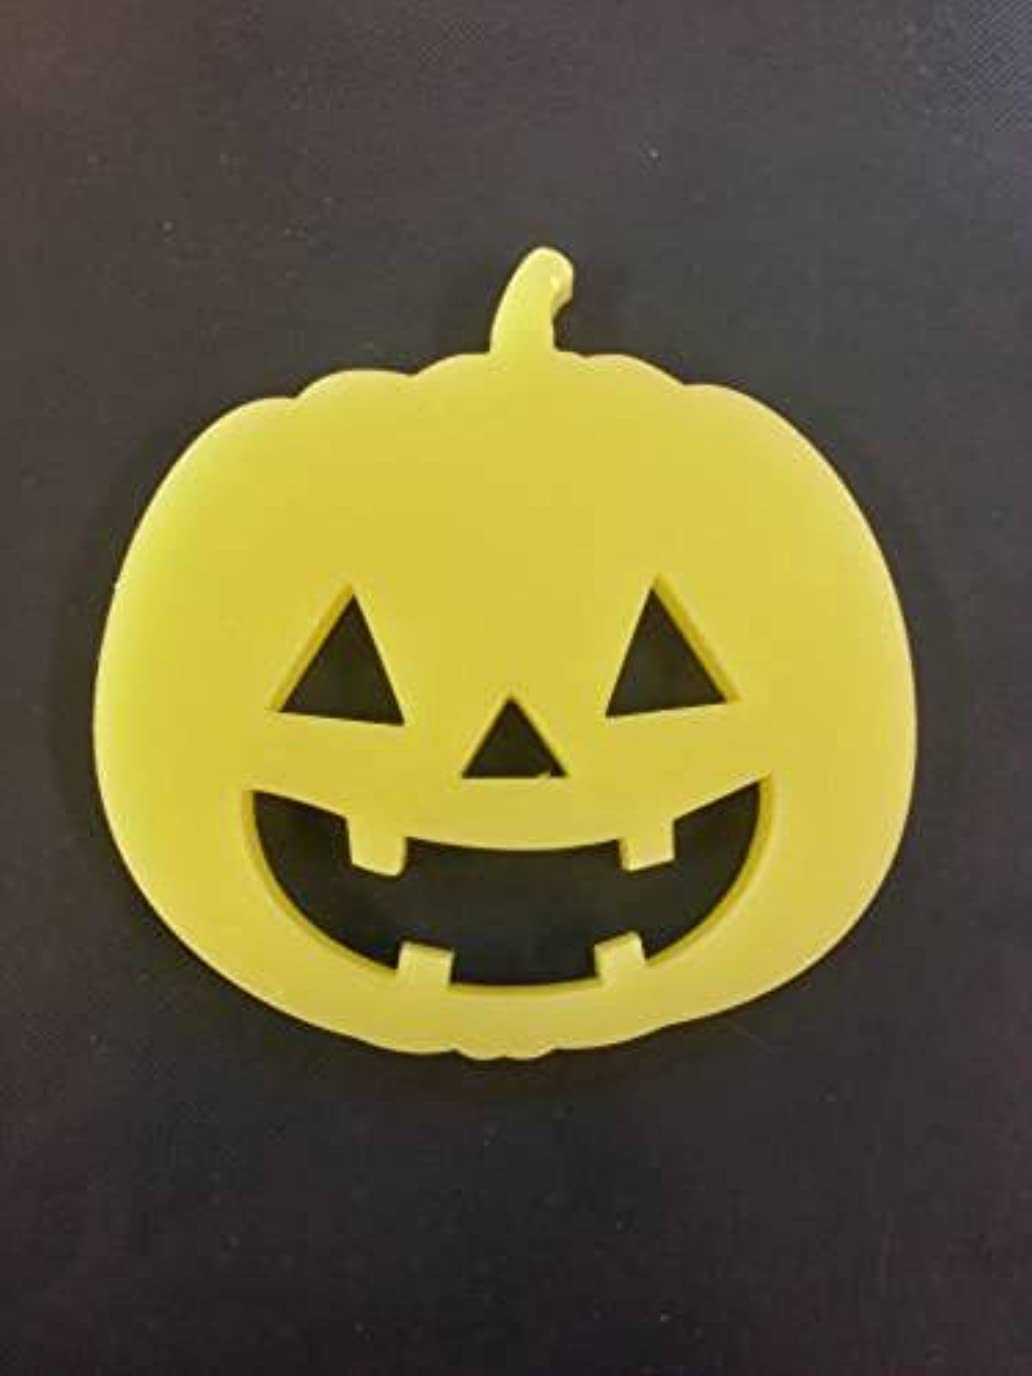 のぞき見症候群トリクルGRASSE TOKYO AROMATICWAXチャーム「ハロウィンかぼちゃ」(YE) ベルガモット アロマティックワックス グラーストウキョウ